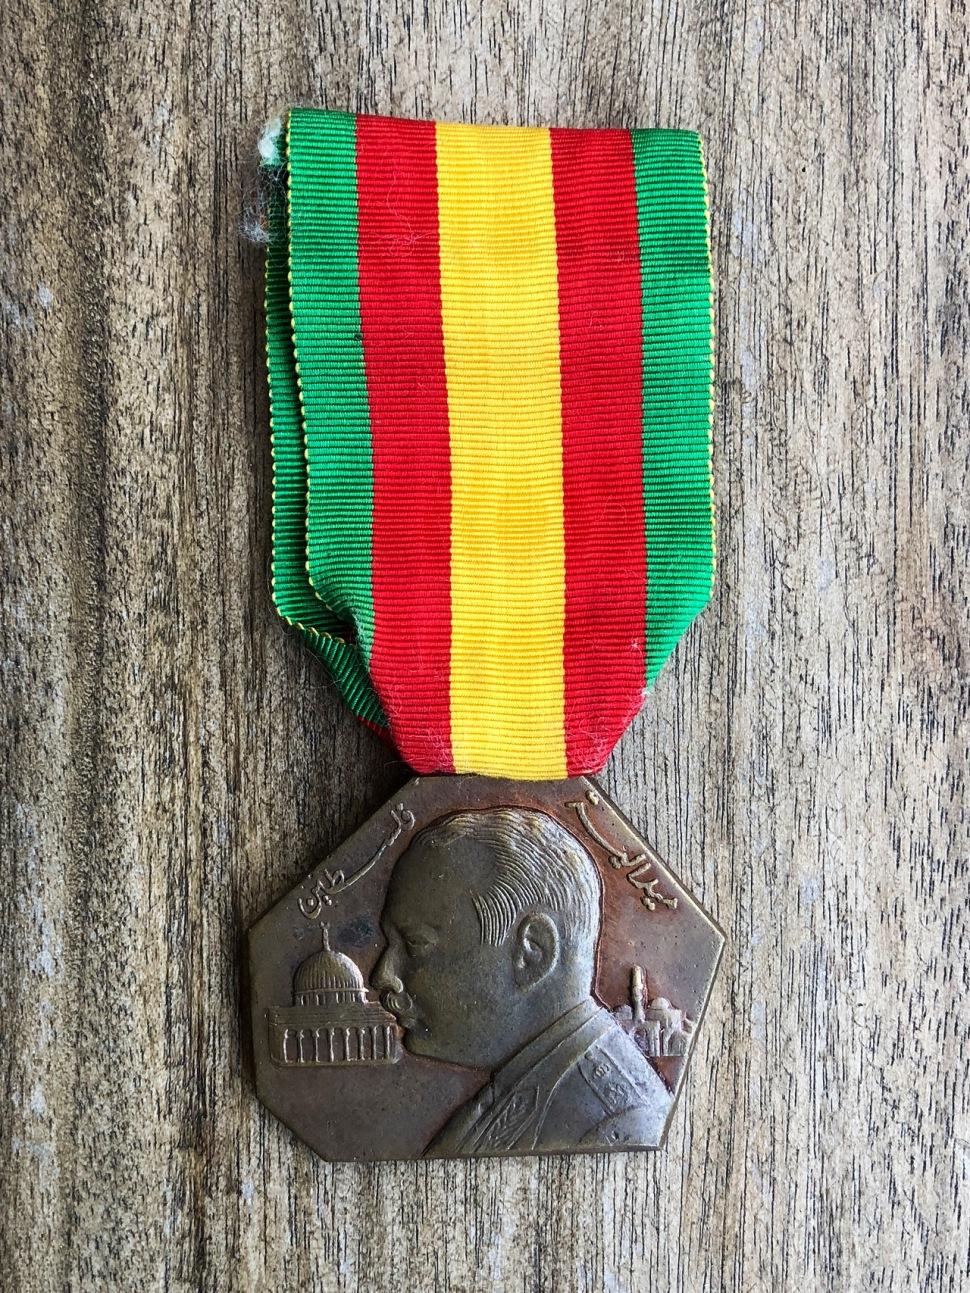 190518-medal-egyptian-palestine-medalyet-falasteen-1948